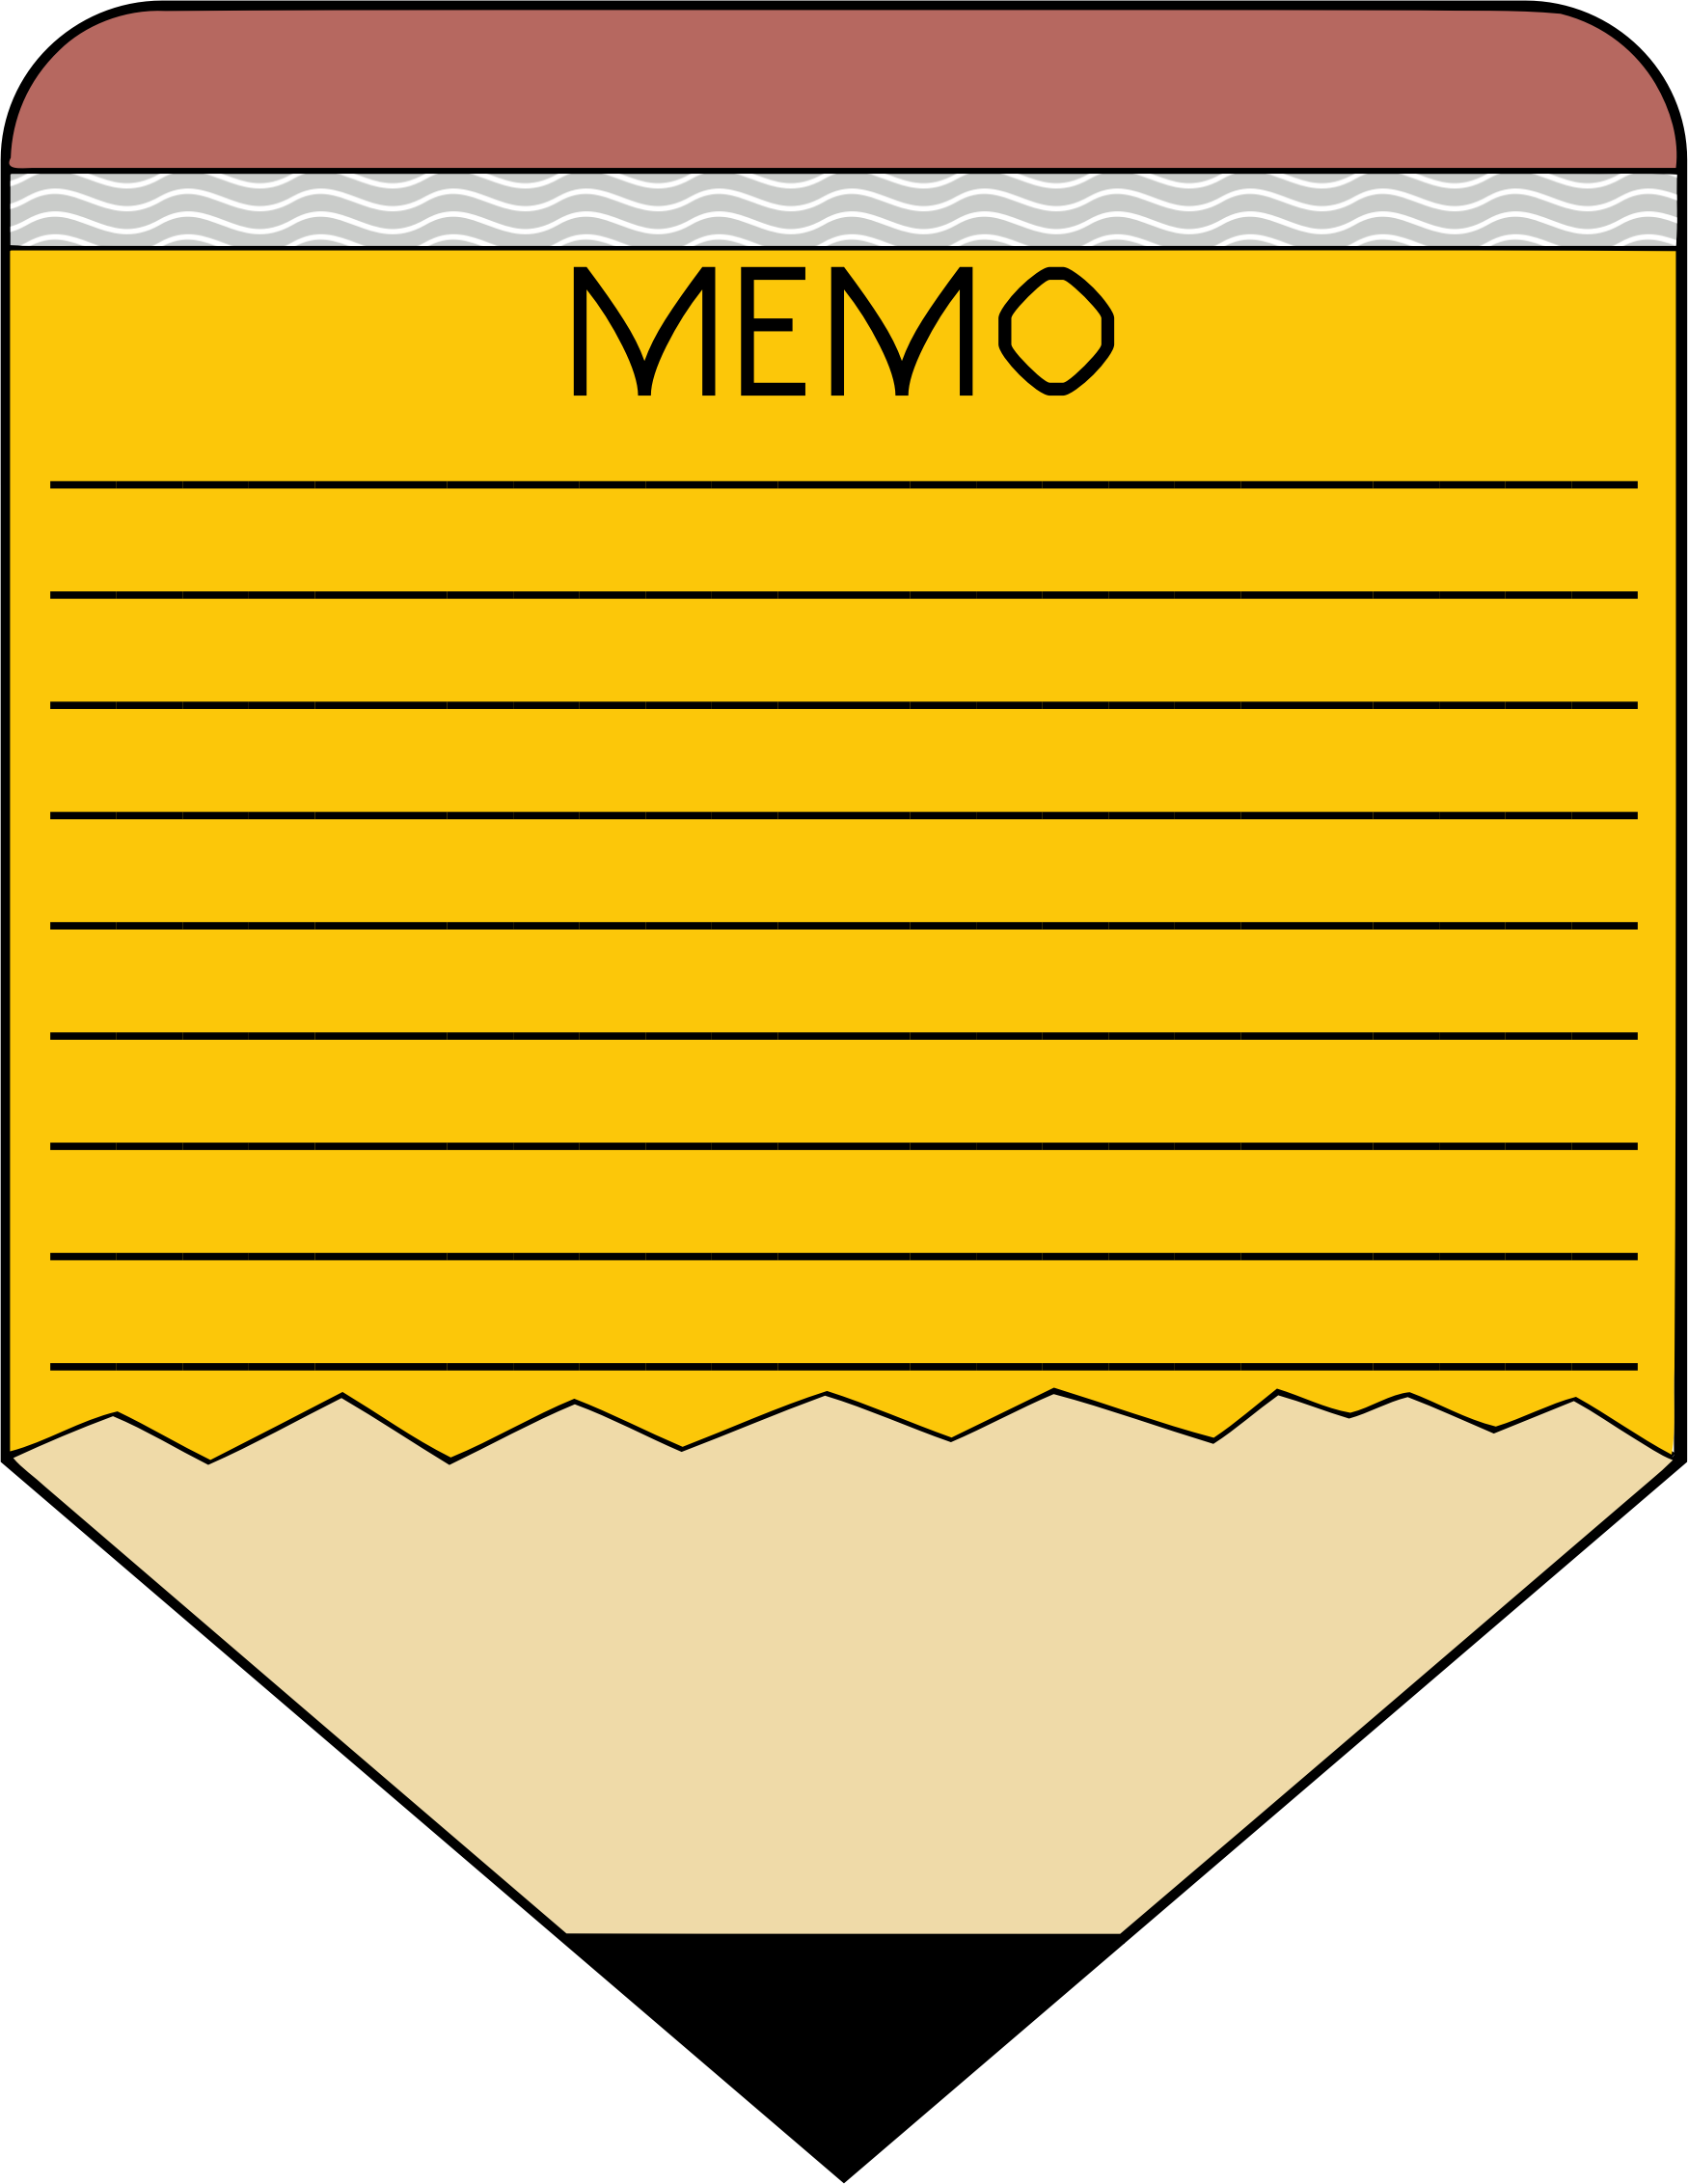 PNG Memo - 44710